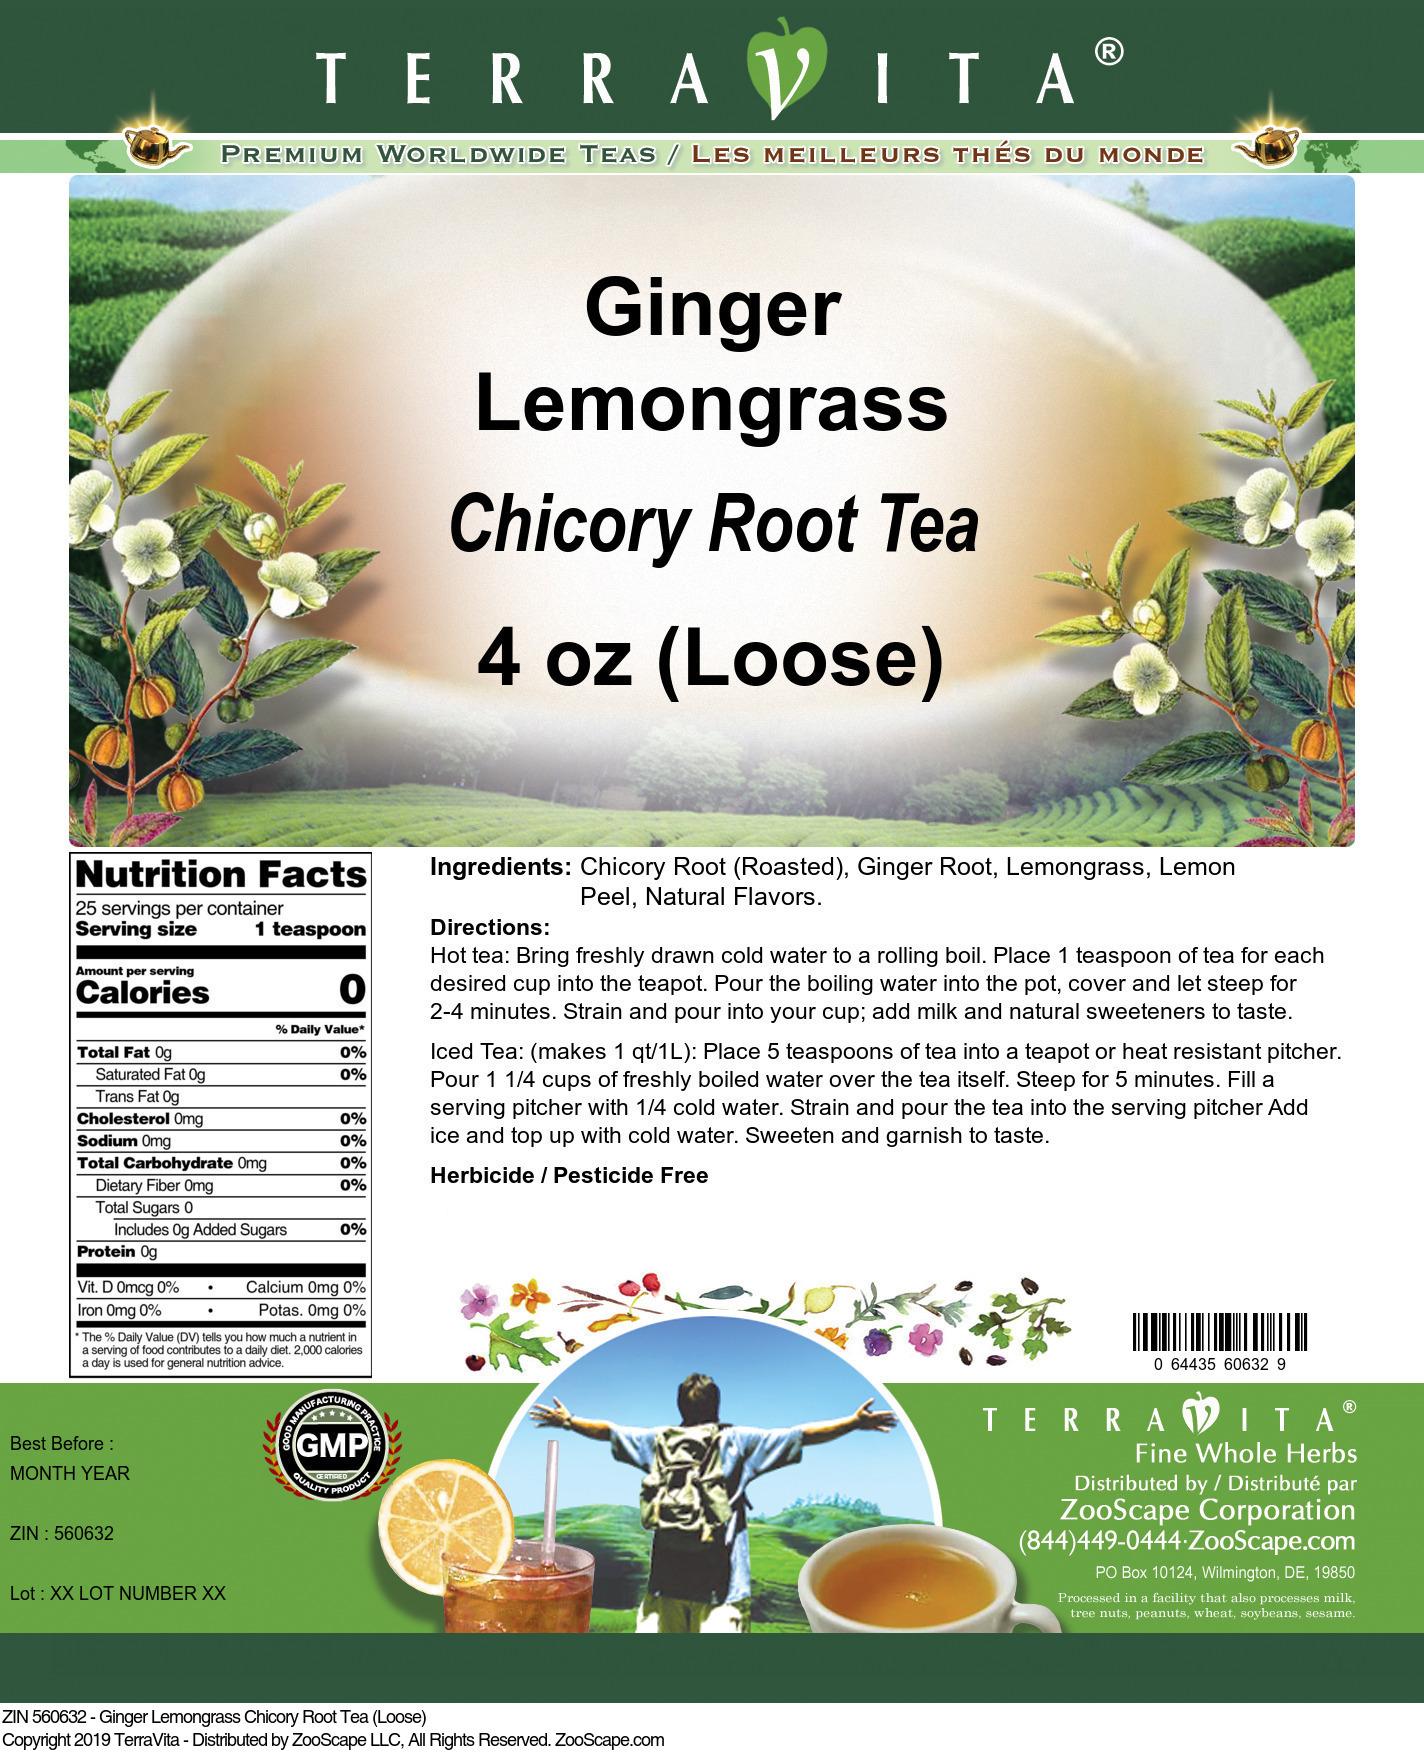 Ginger Lemongrass Chicory Root